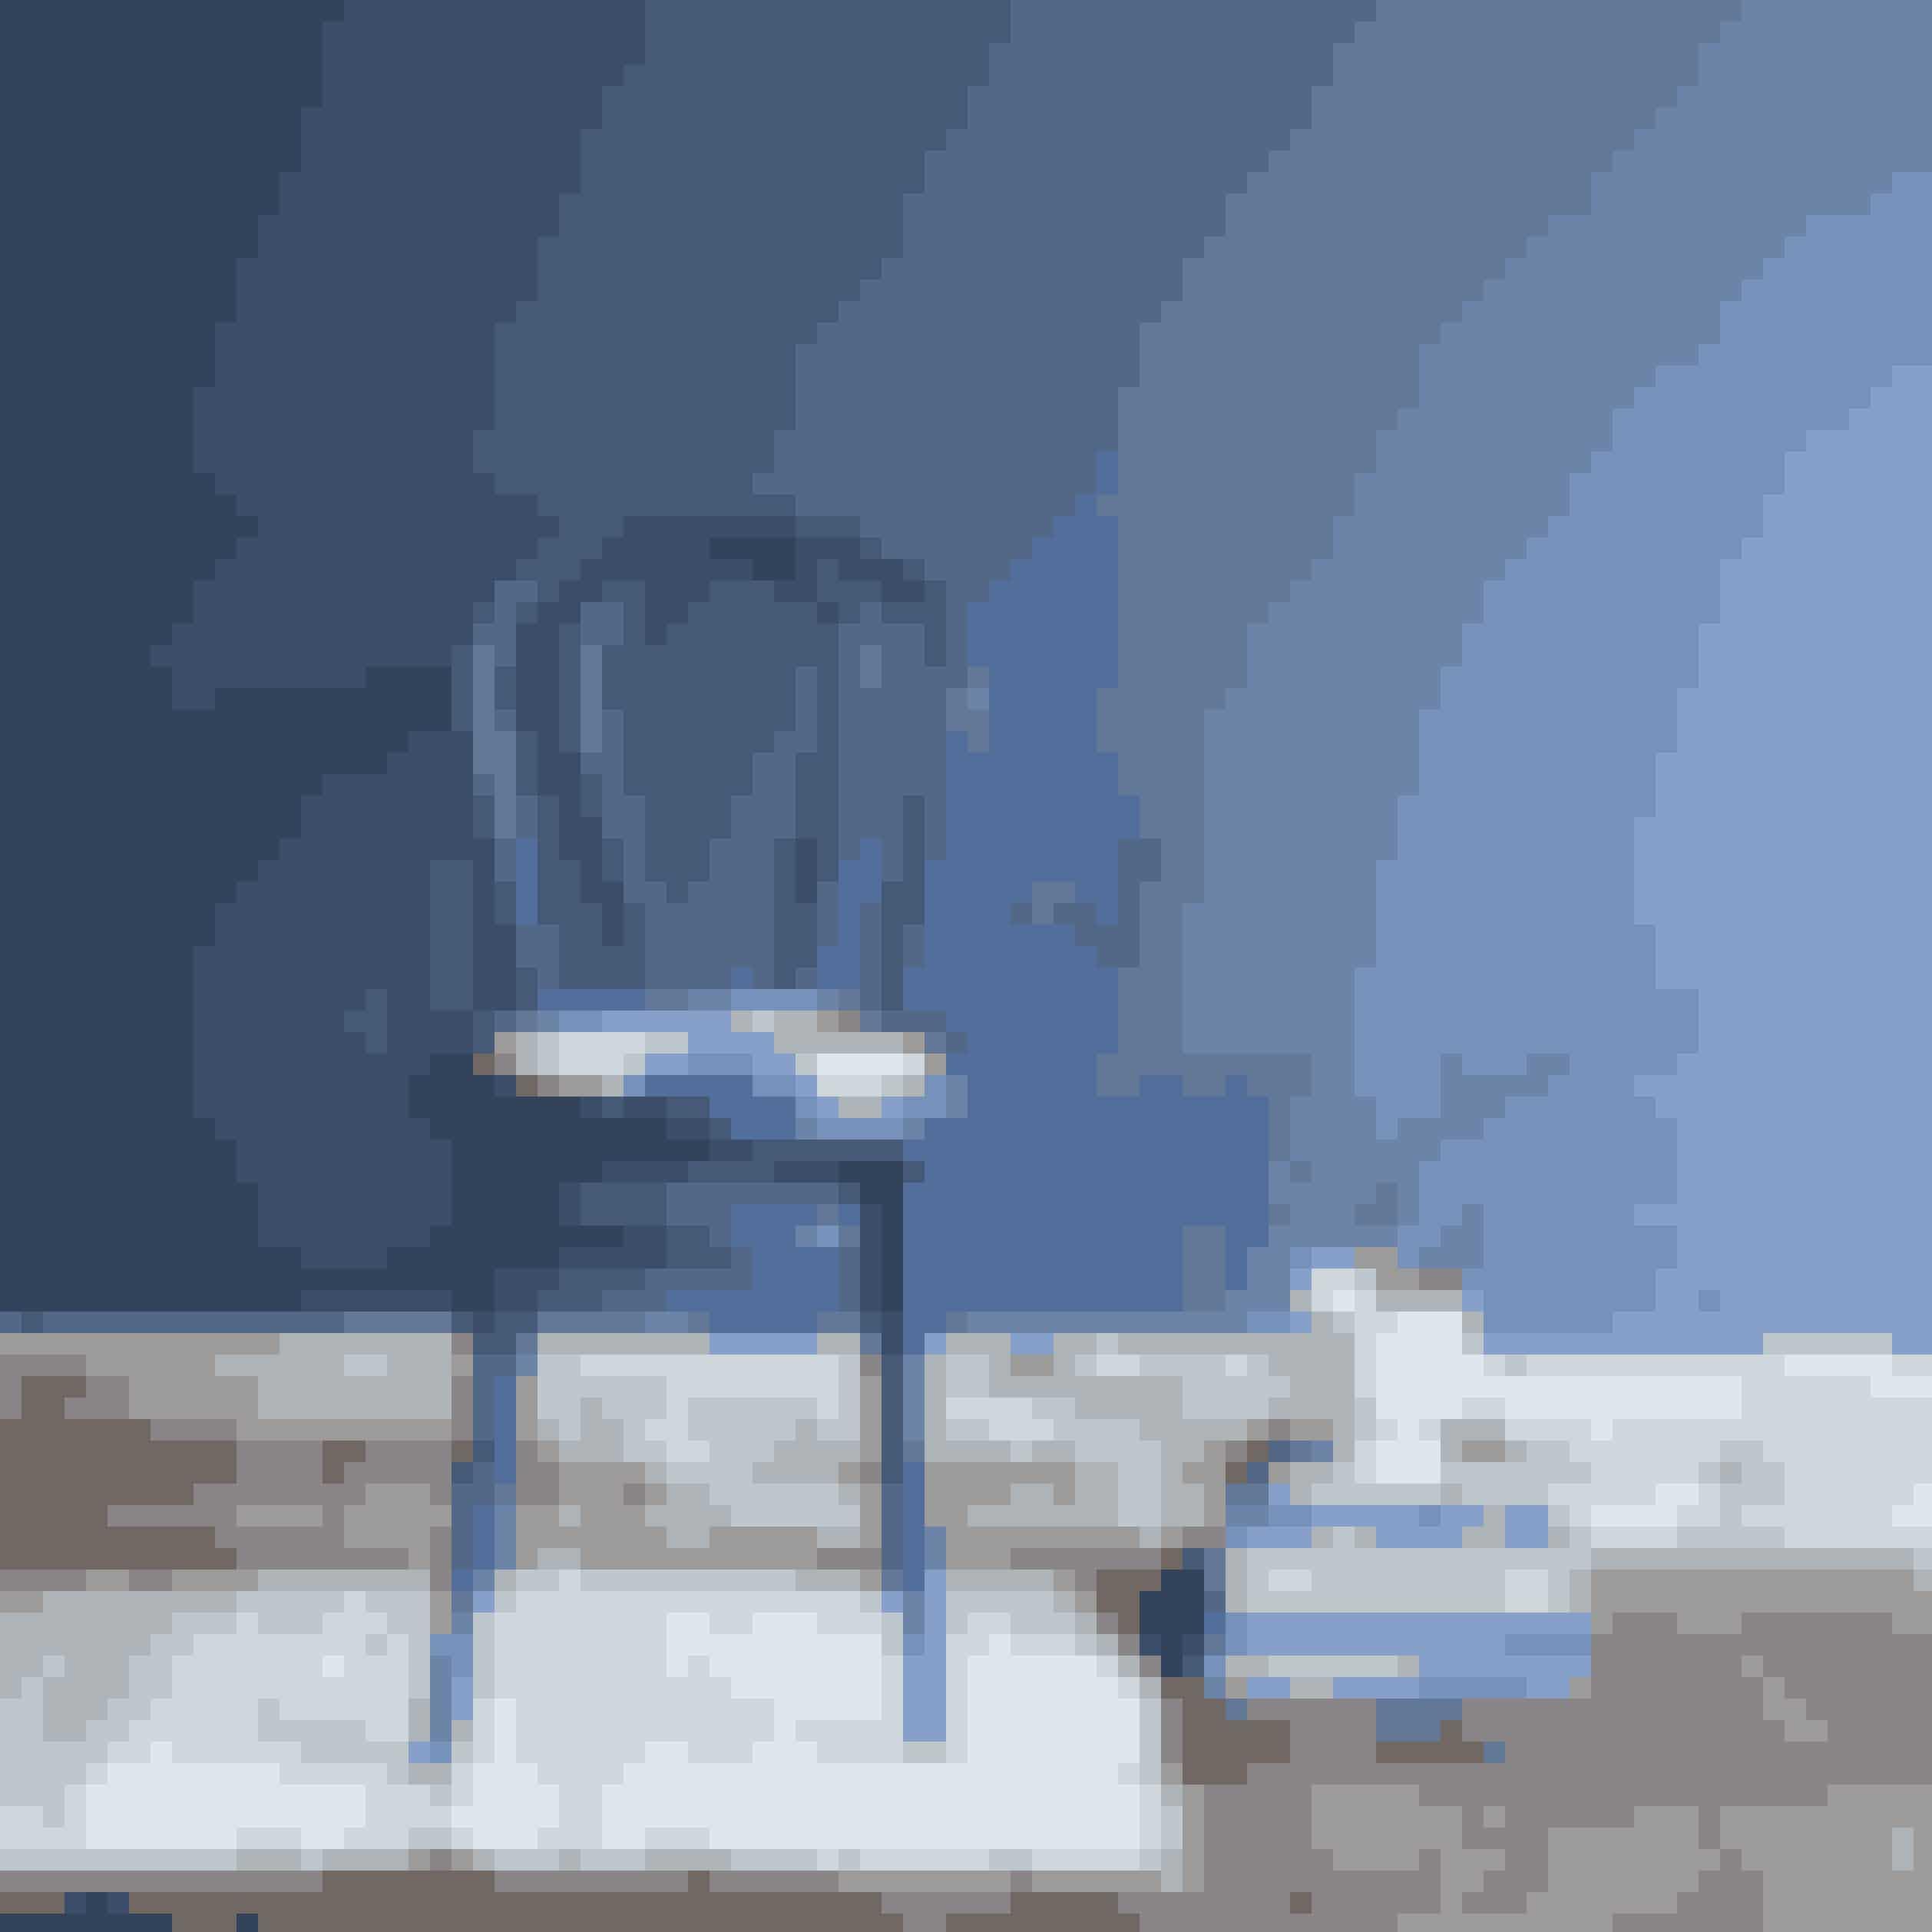 Mal en gammel stol i en skarp blå farve. En enkelt malet stol kan give stor effekt rundt om bordet eller som installation i et mindre stilleben.Sådan gør du:Slib og vask stolen, inden du maler den. Giv den flere gange, til malingen dækker. Sy eller find en lille pude, der matcher.Stolen er et loppefund og malet med farvekode 2478 fraFlügger.Pude fraLuckyboysunday, lille gulvtæppe fraAiayu, hvid urtepotte,Unico, fra Kähler. Væggen er malet med farvekode 3477 fraFlügger.